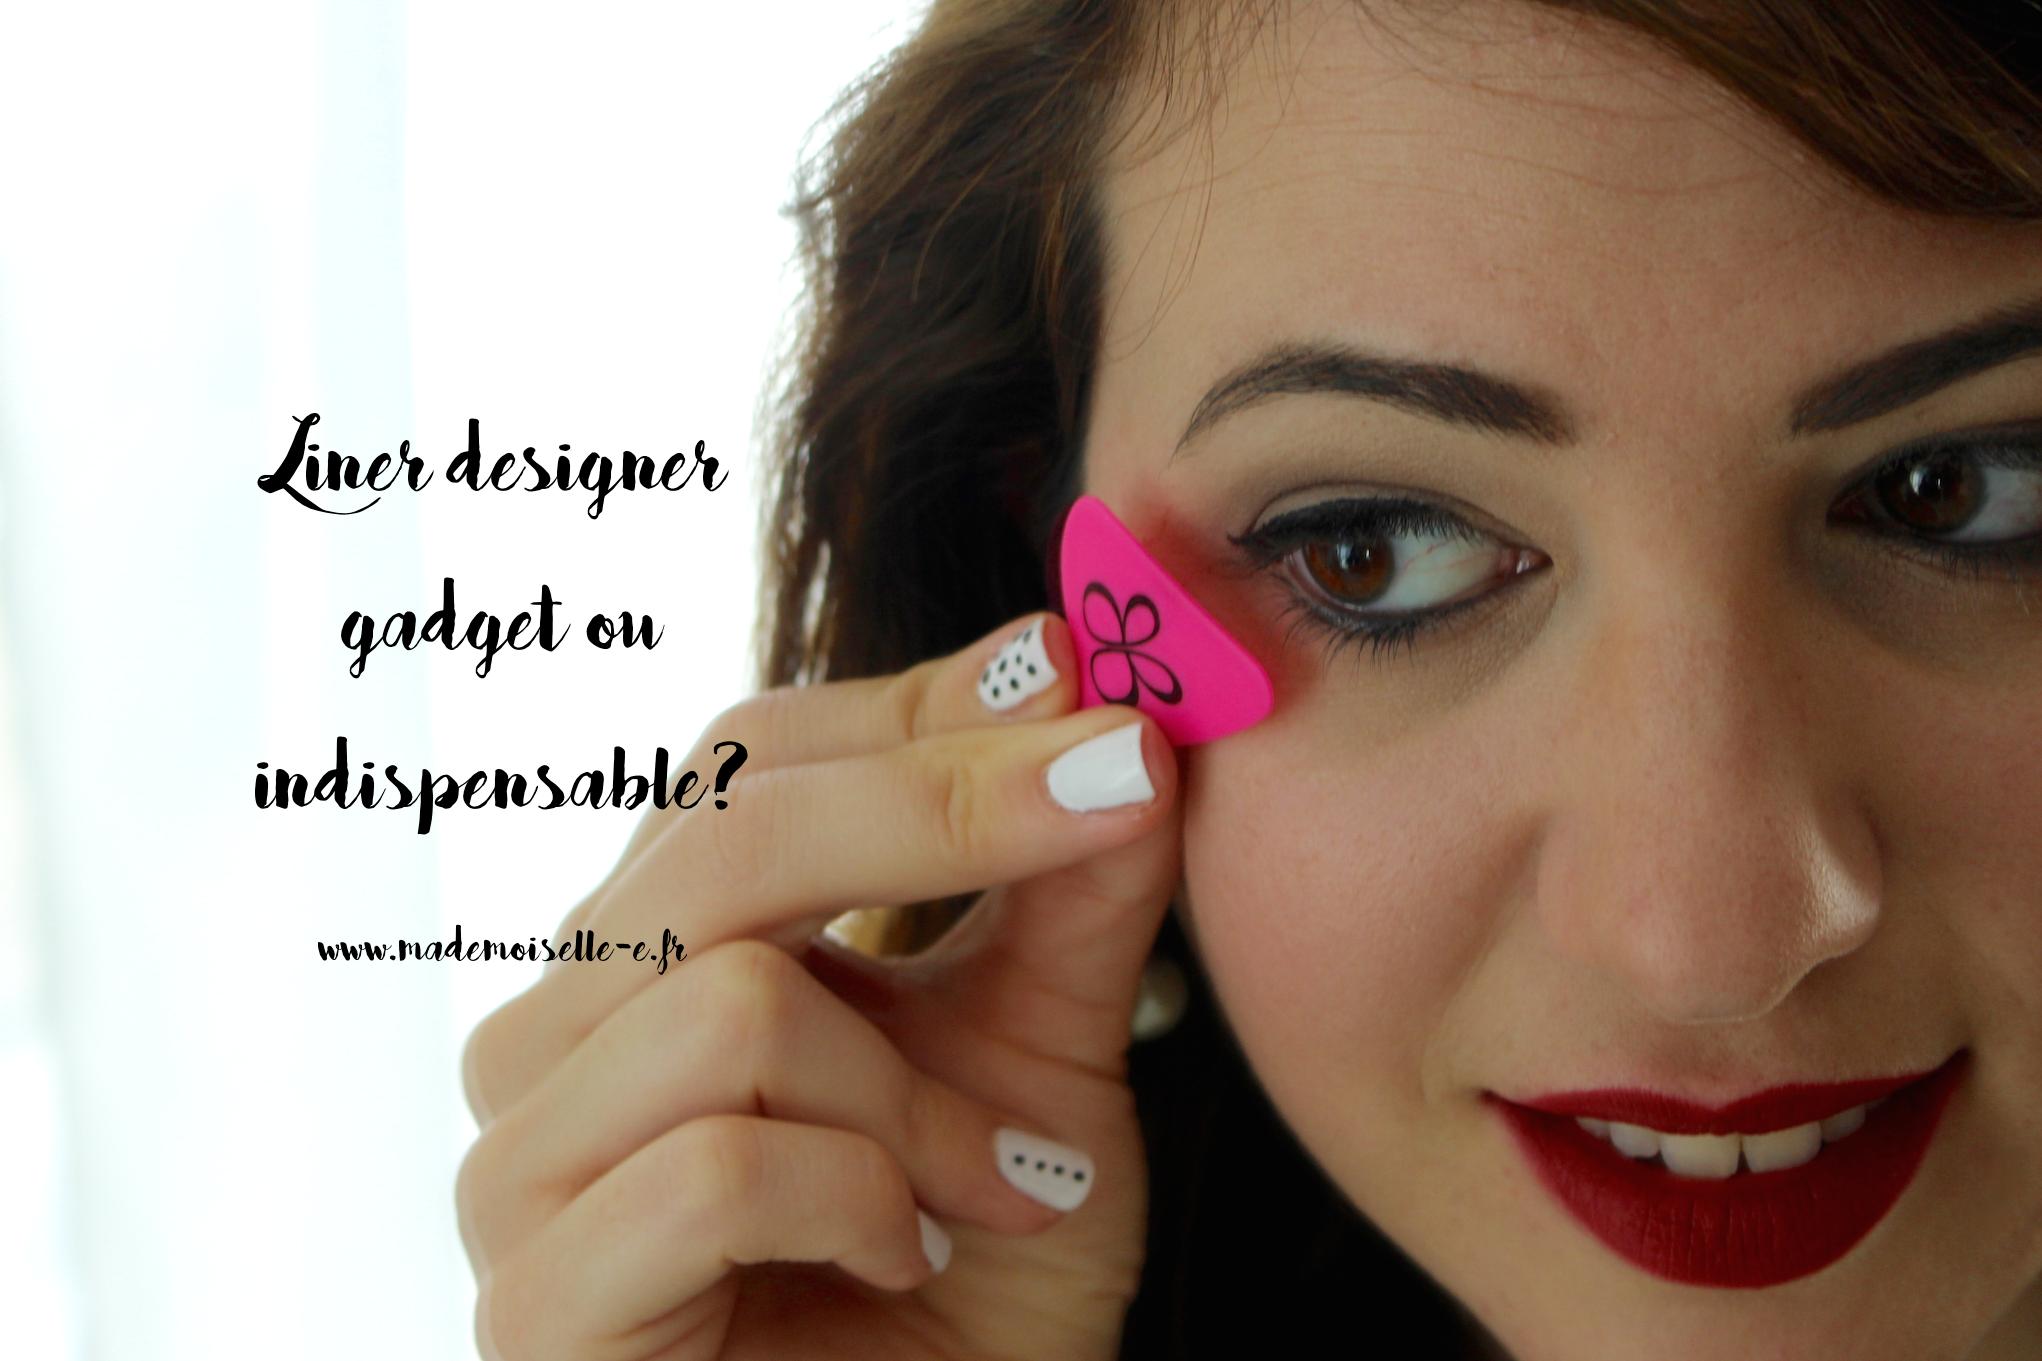 Liner_designer_présentation_mademoiselle-e